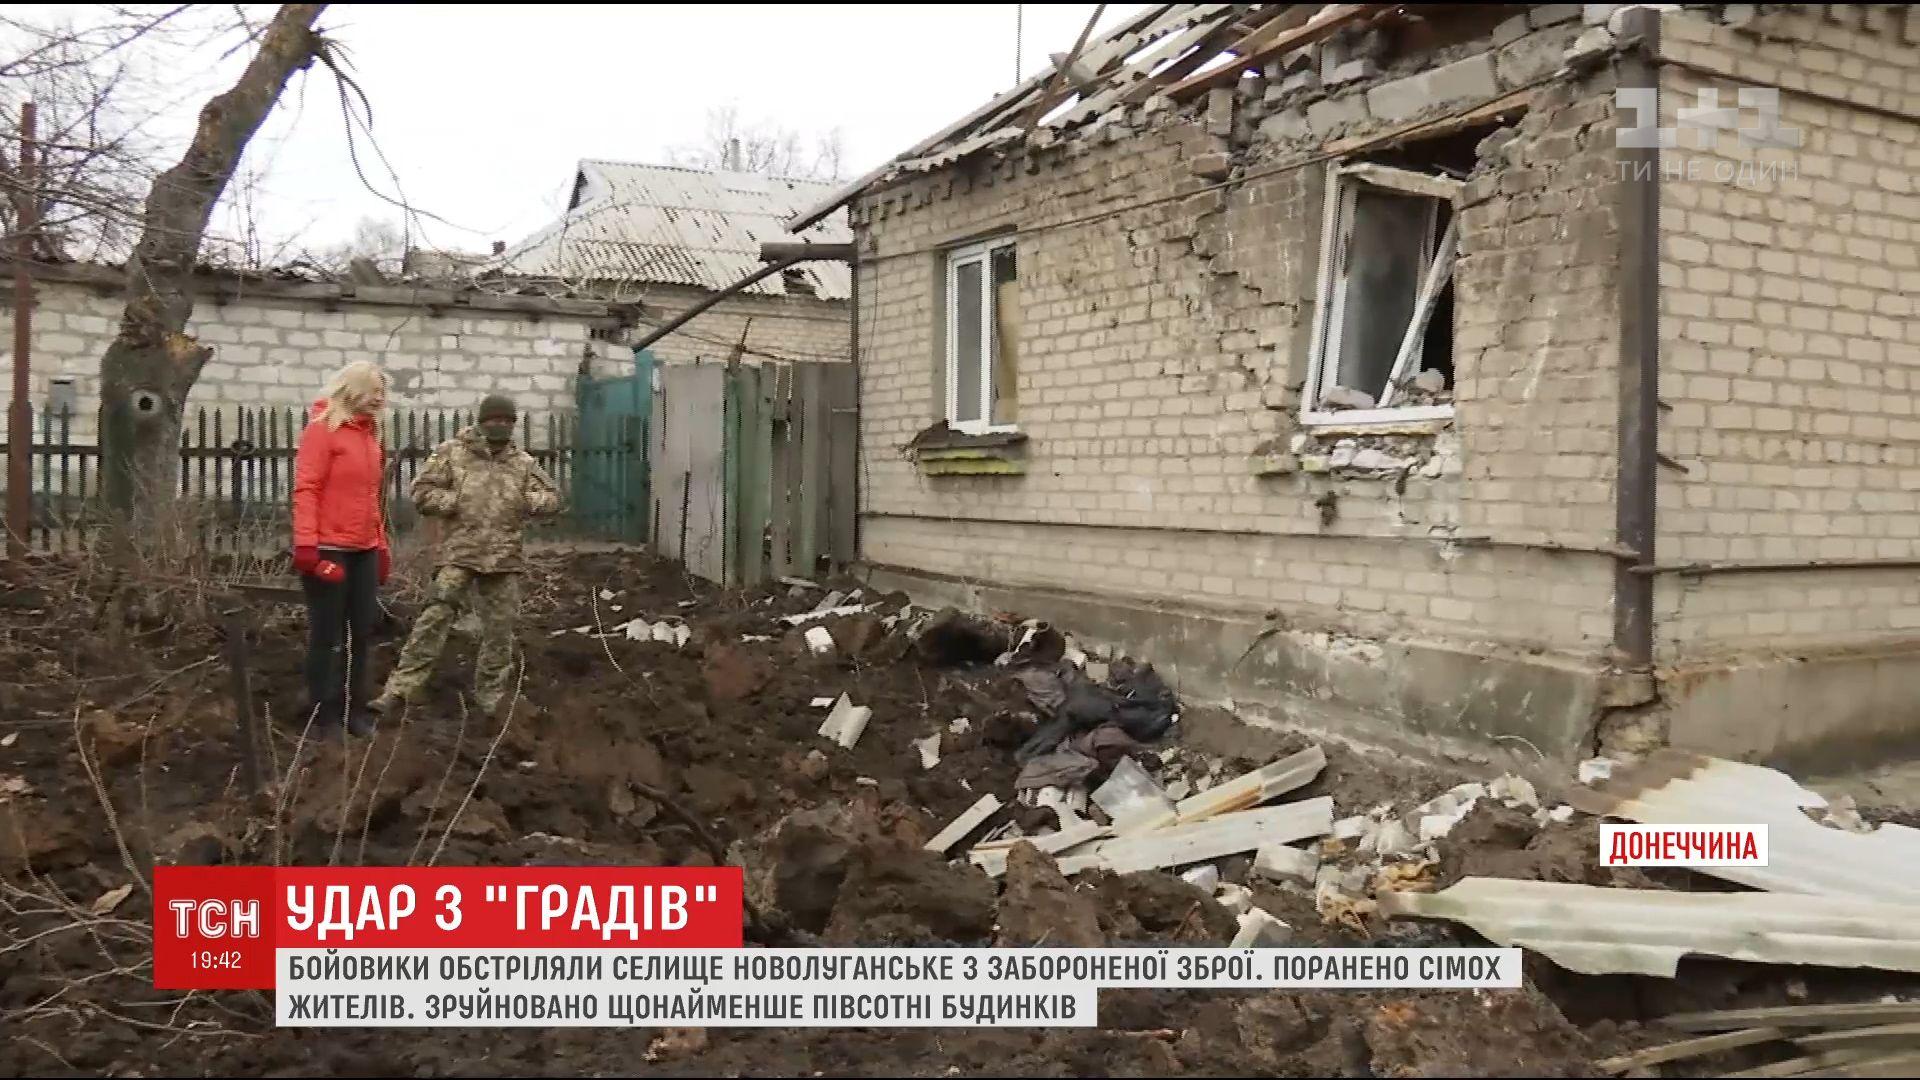 Некоторые дома в Новолуганському восстановлению не подлежат / Скриншот видео ТСН